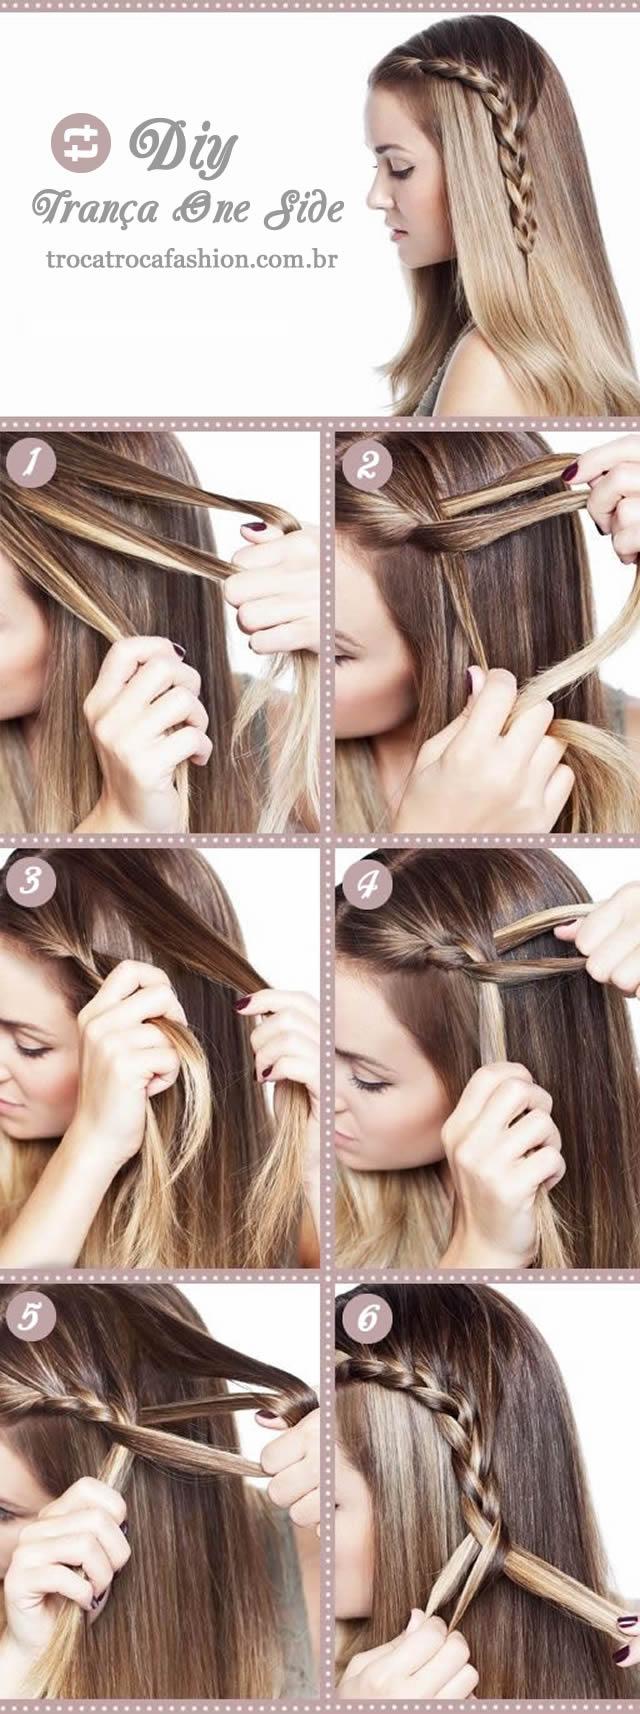 penteados-tranças-8